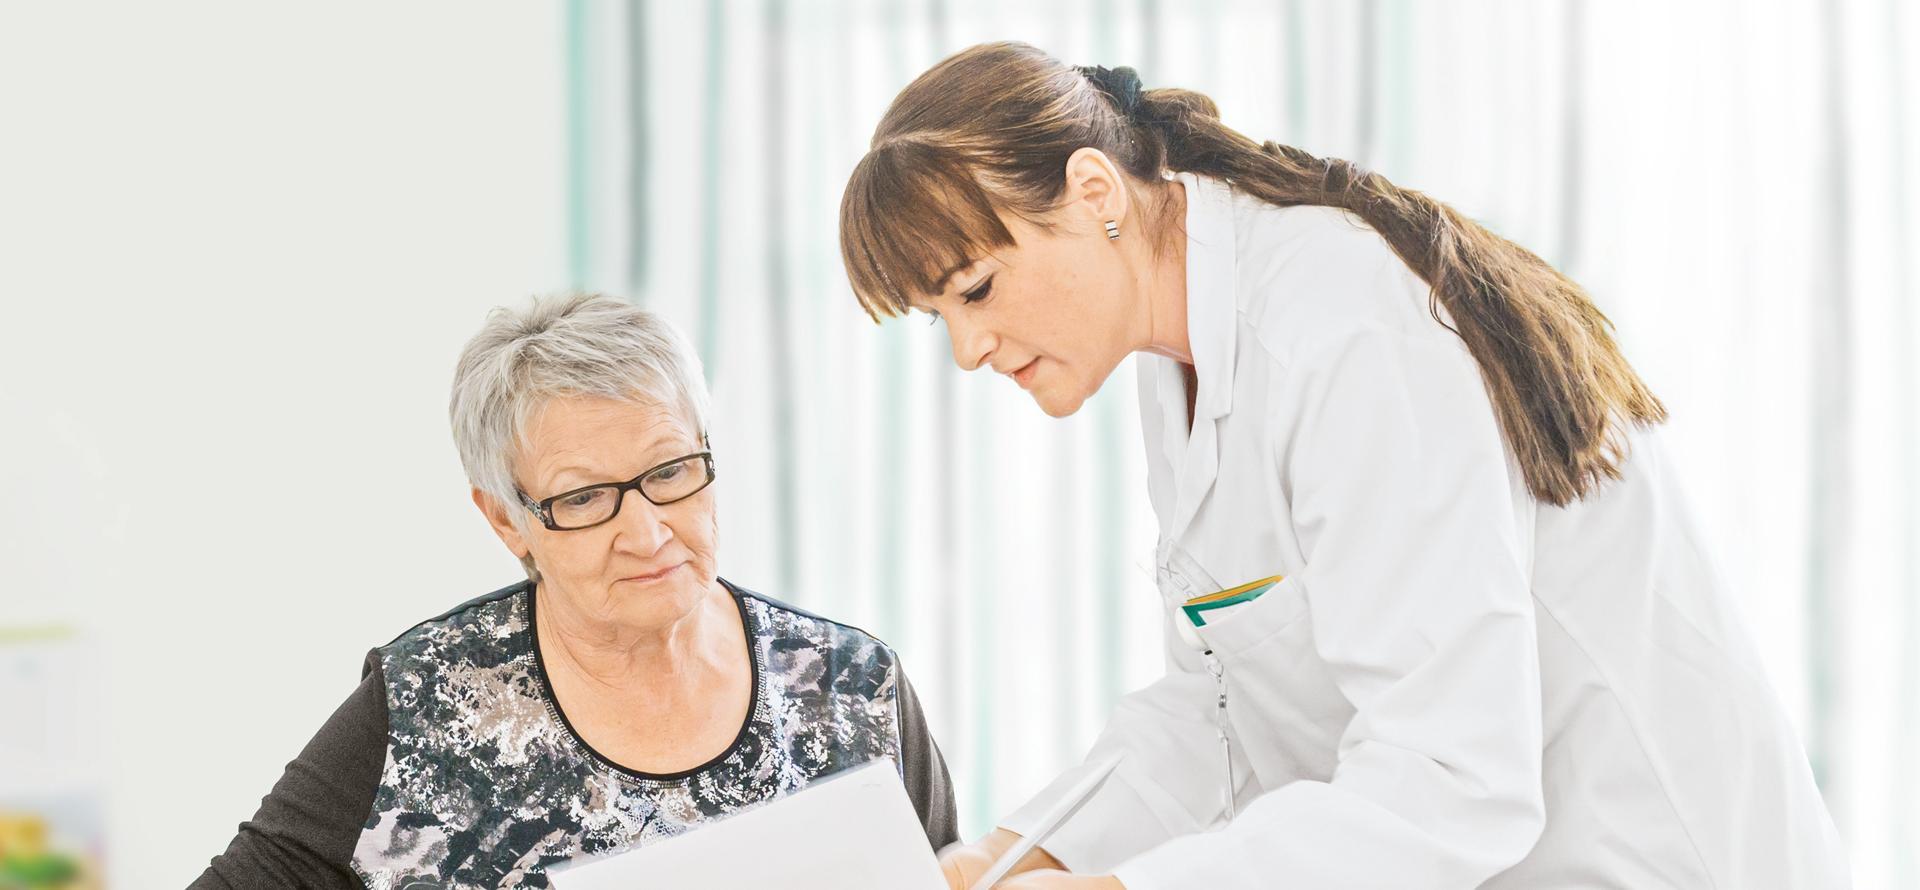 Ärztin erklärt Patientin Unterlagen